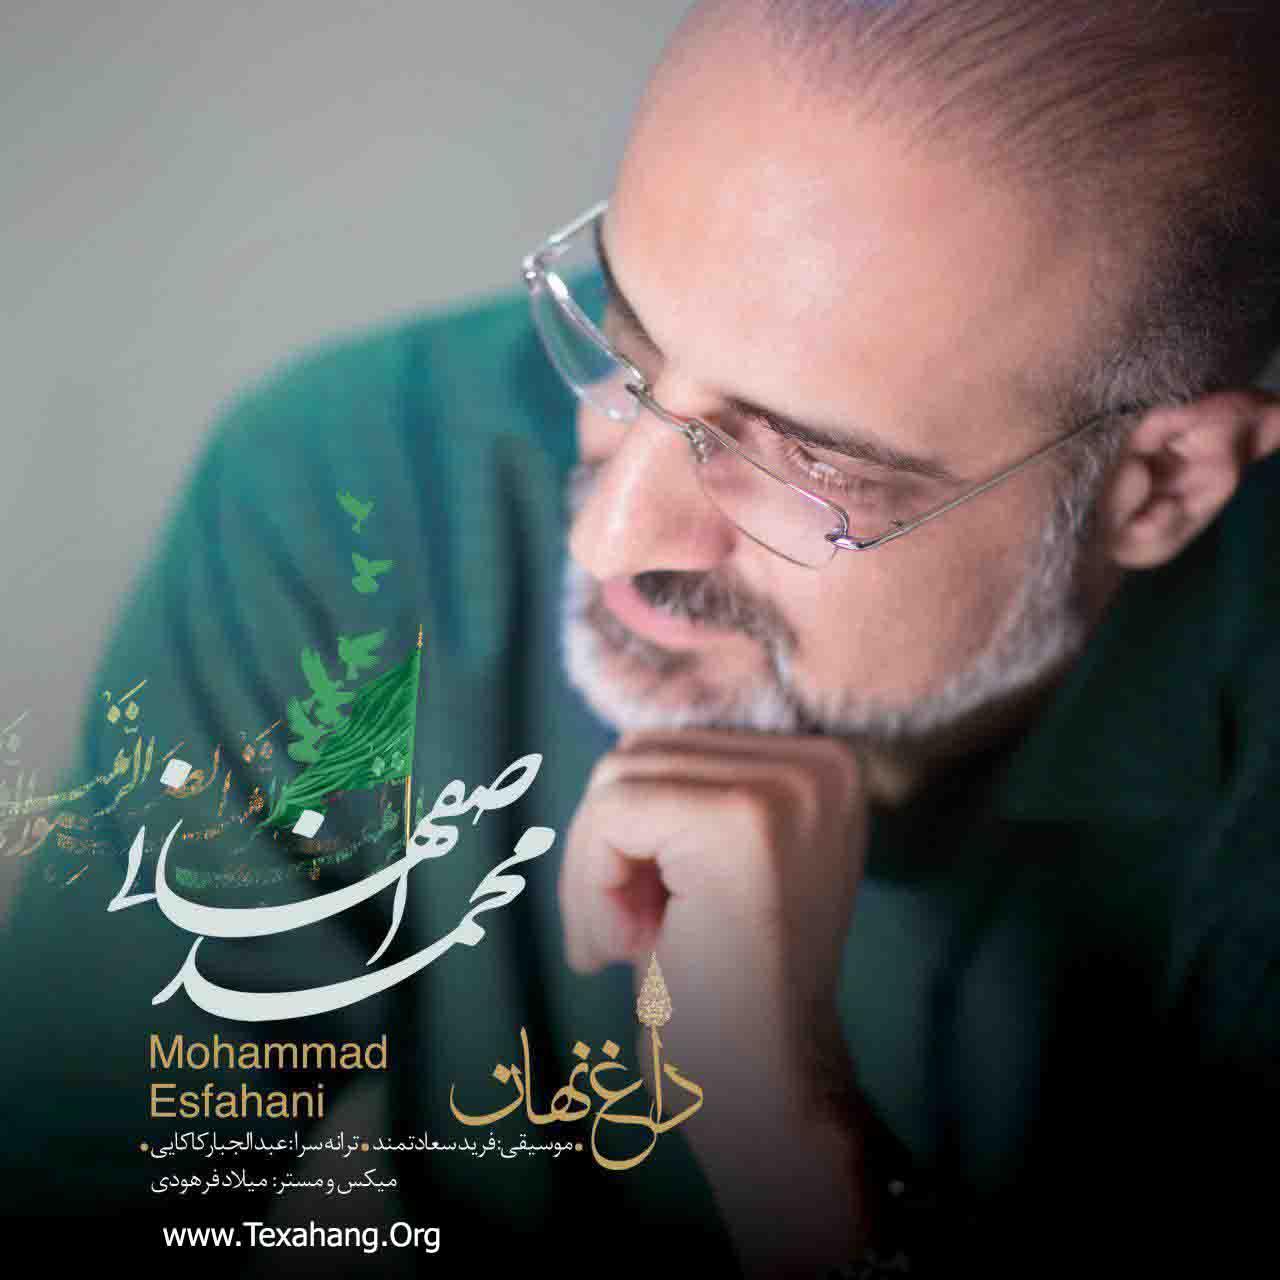 متن آهنگ محمد اصفهانی داغ نهان